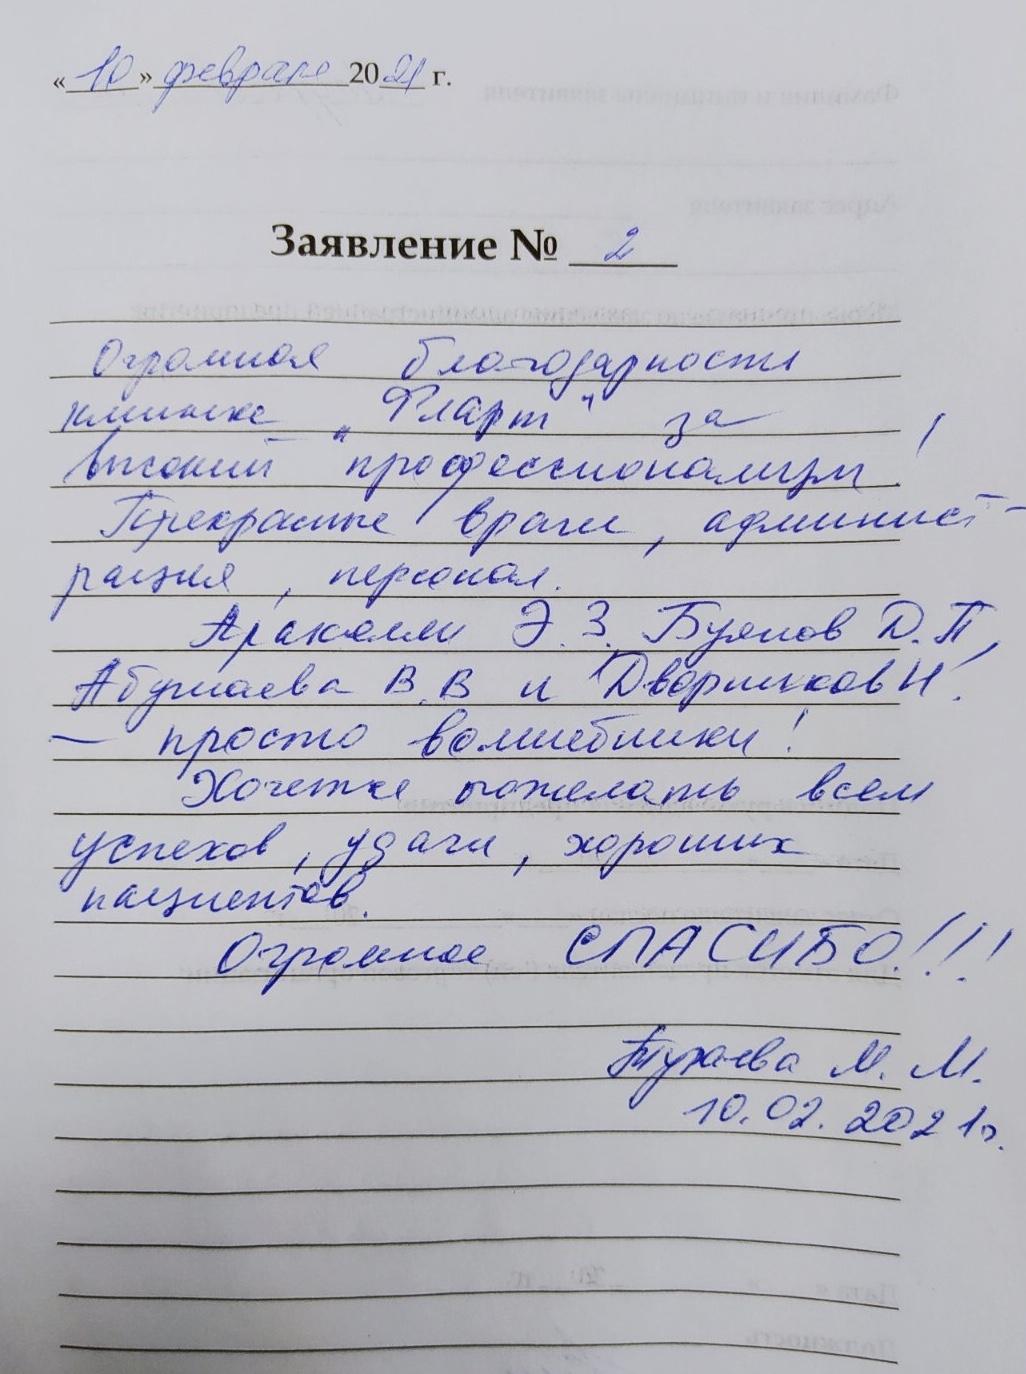 <em>Редактировать Отзыв</em> Мария. Стоматология Фларт